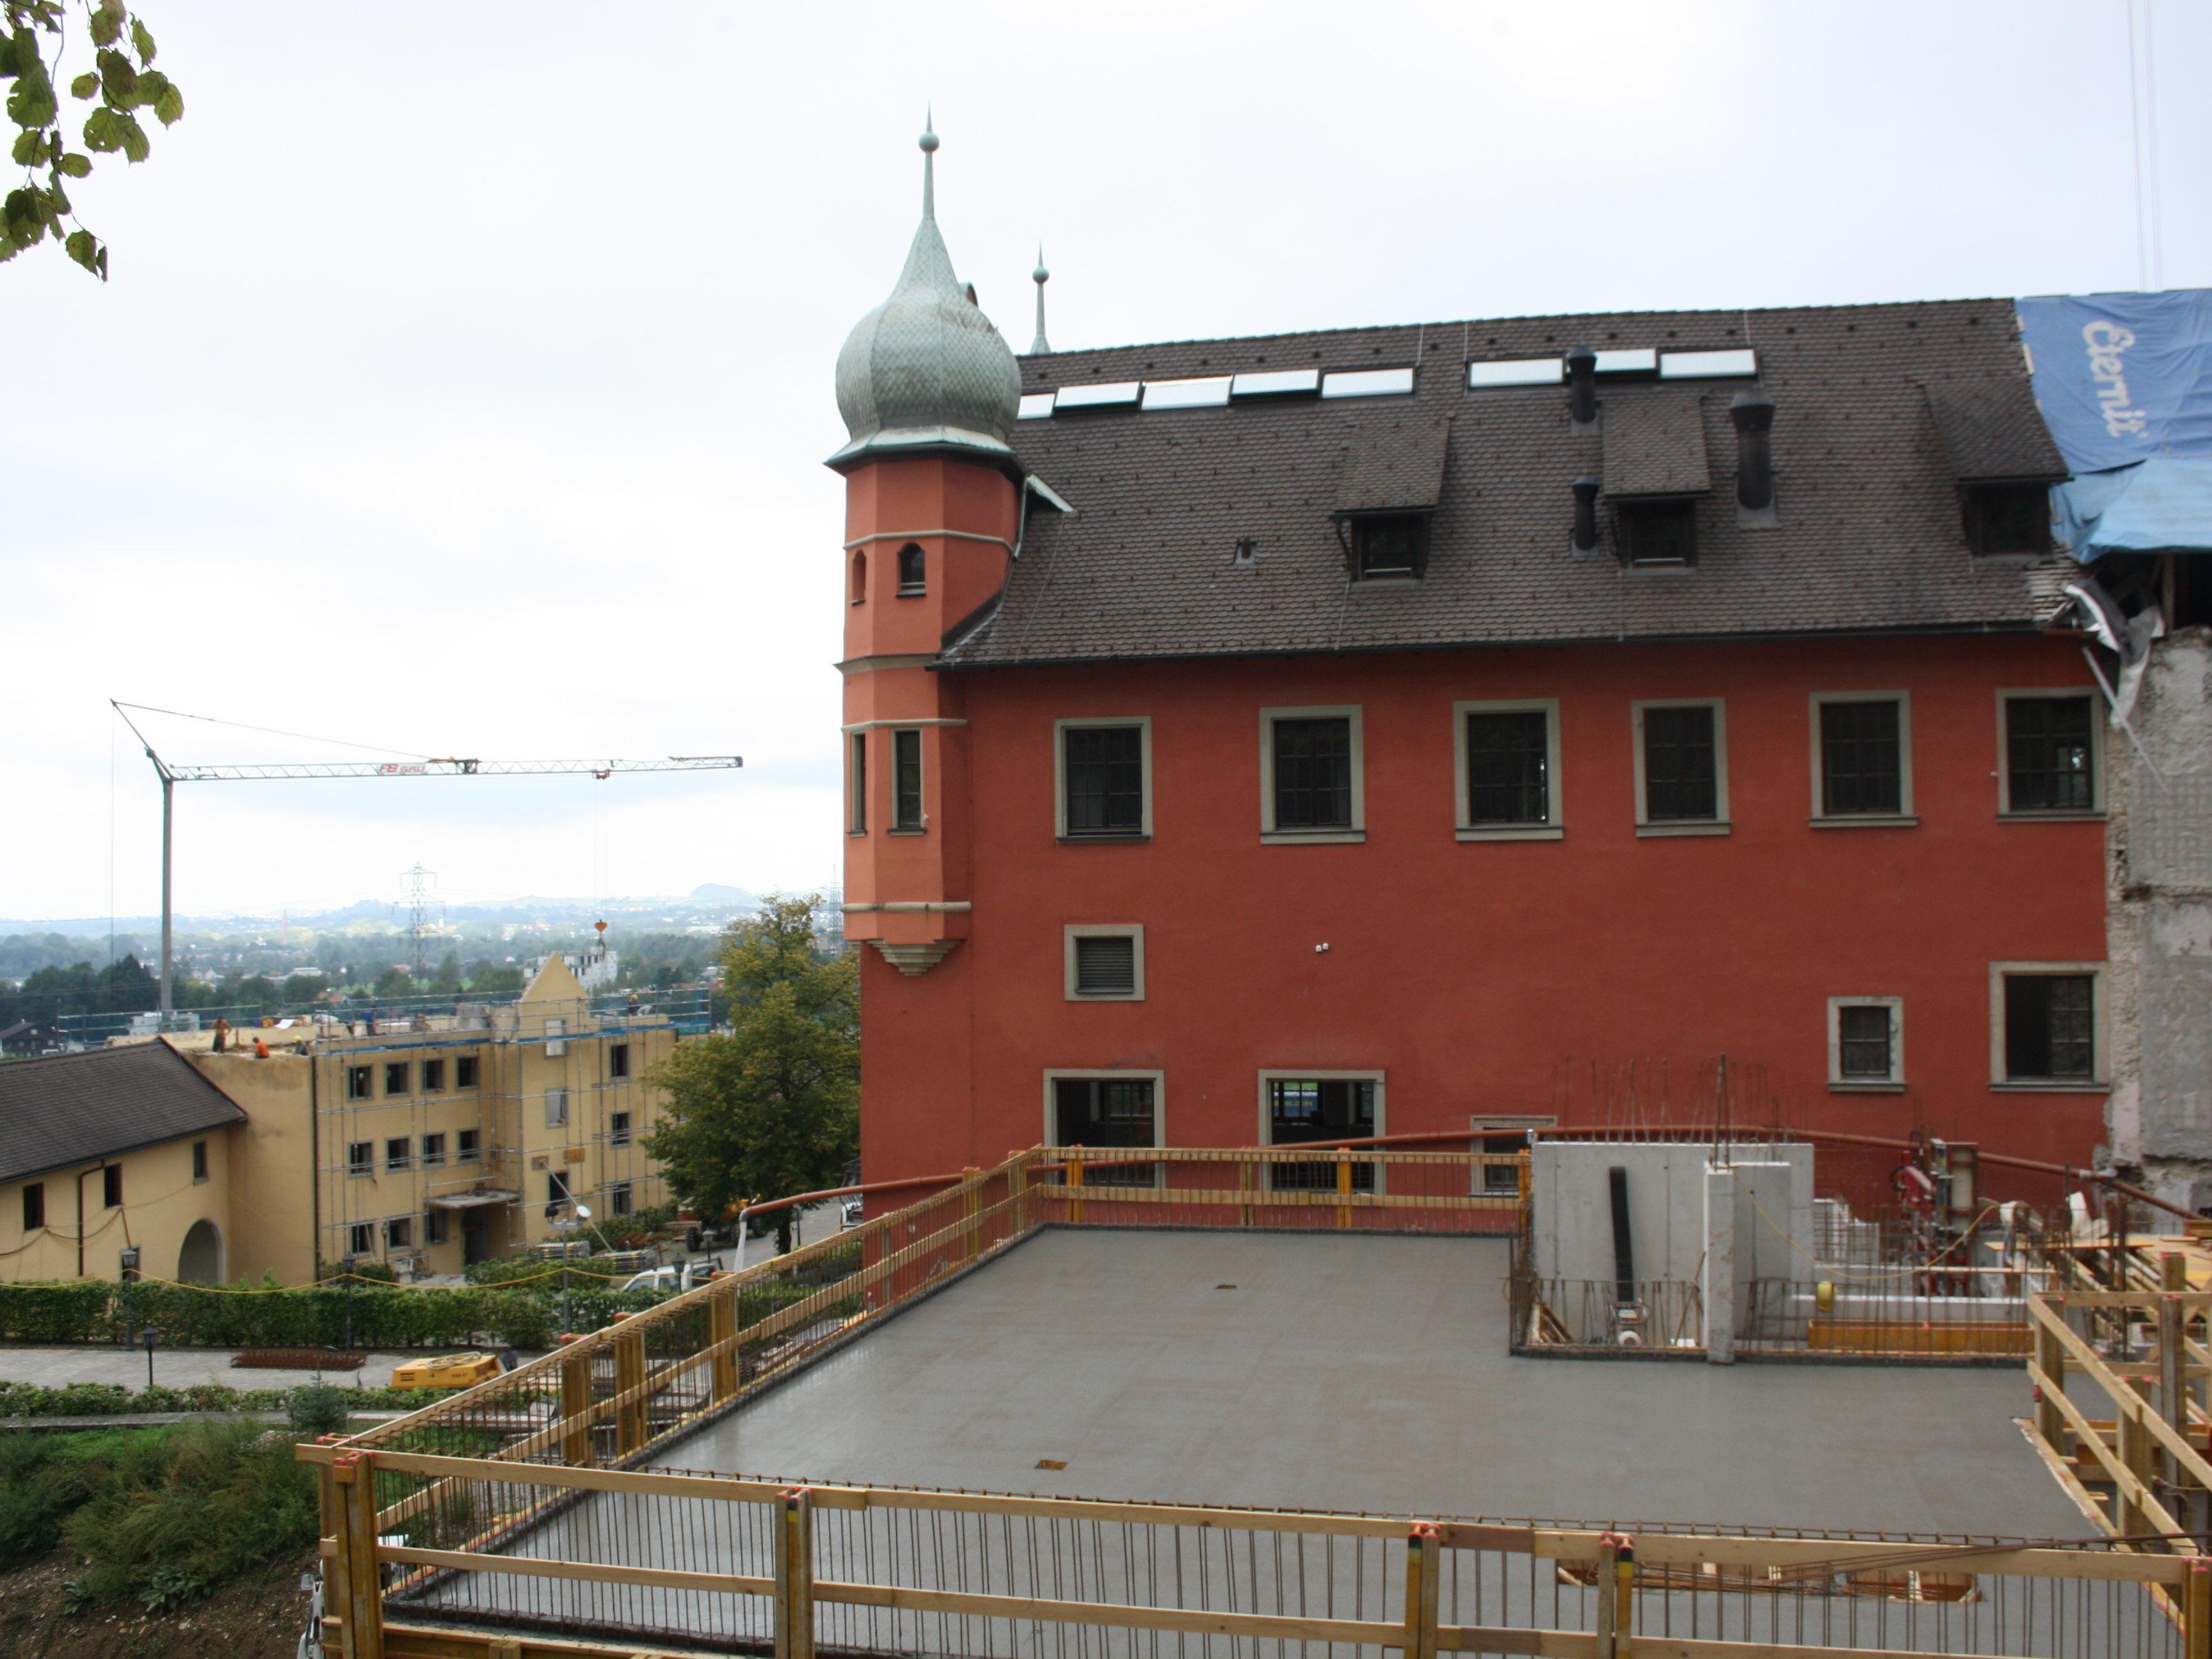 """Die beiden rückwärtigen Schloss-Anbauten wurden abgerissen. Hier entstehen nun zwei freistehende Erschließungstürme. Dazu kommt ein unterirdischer Neubau. Links vorne das massiv """"ausgehöhlte"""" Pförtnerhaus."""